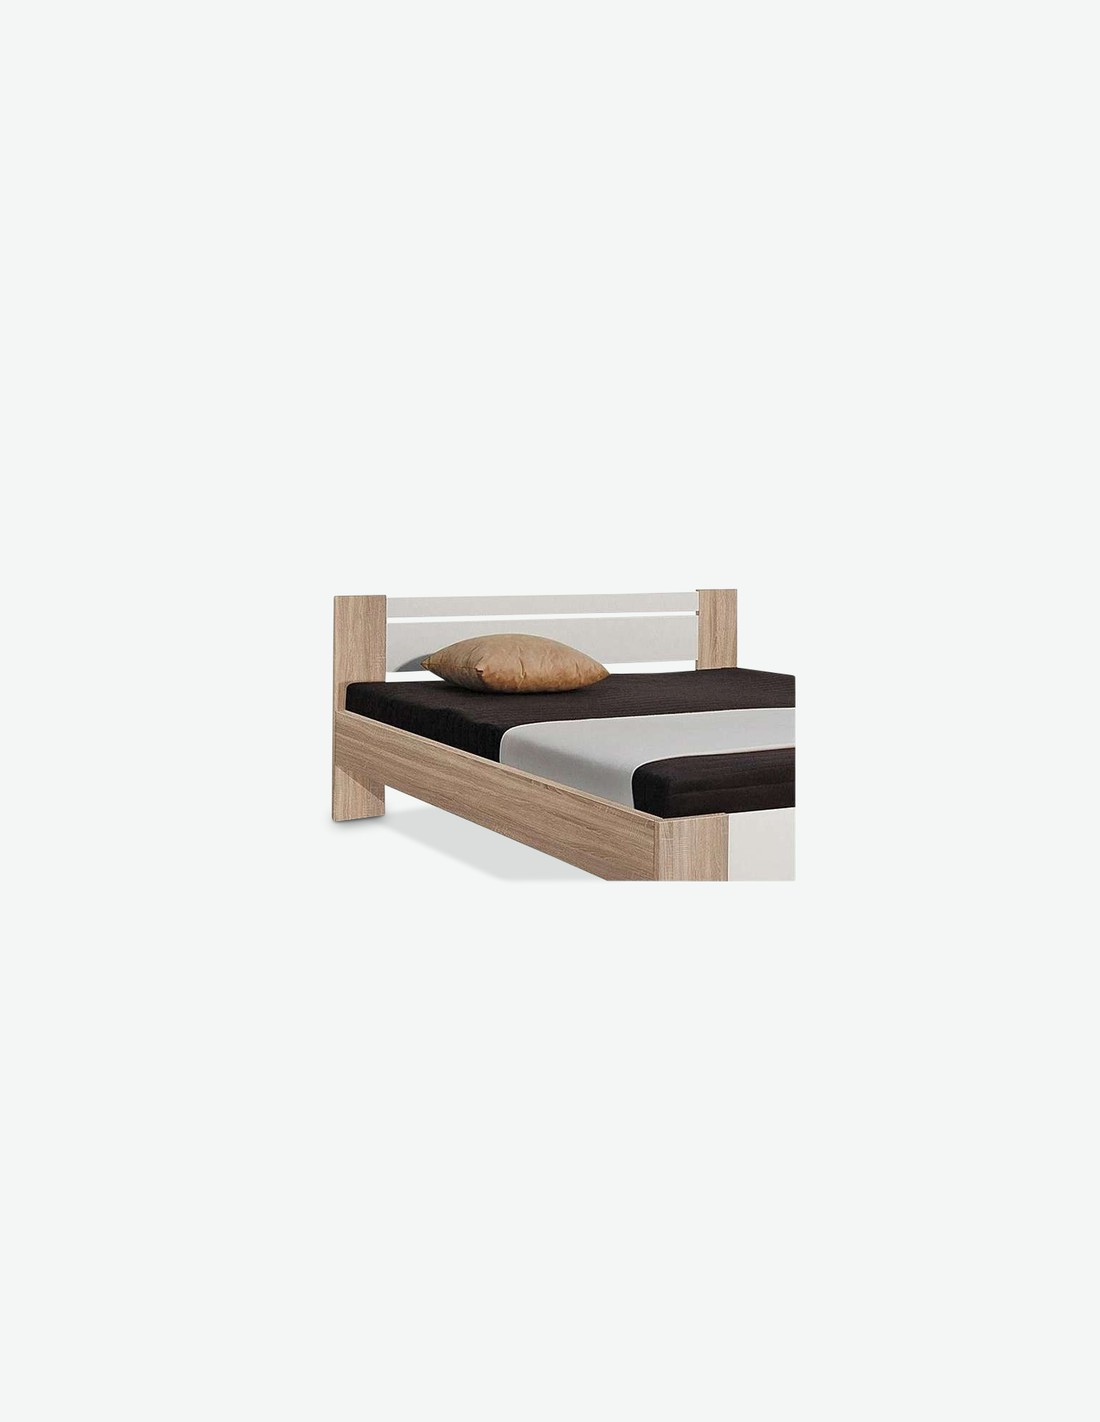 Pinturas - französisches Bett komkplett